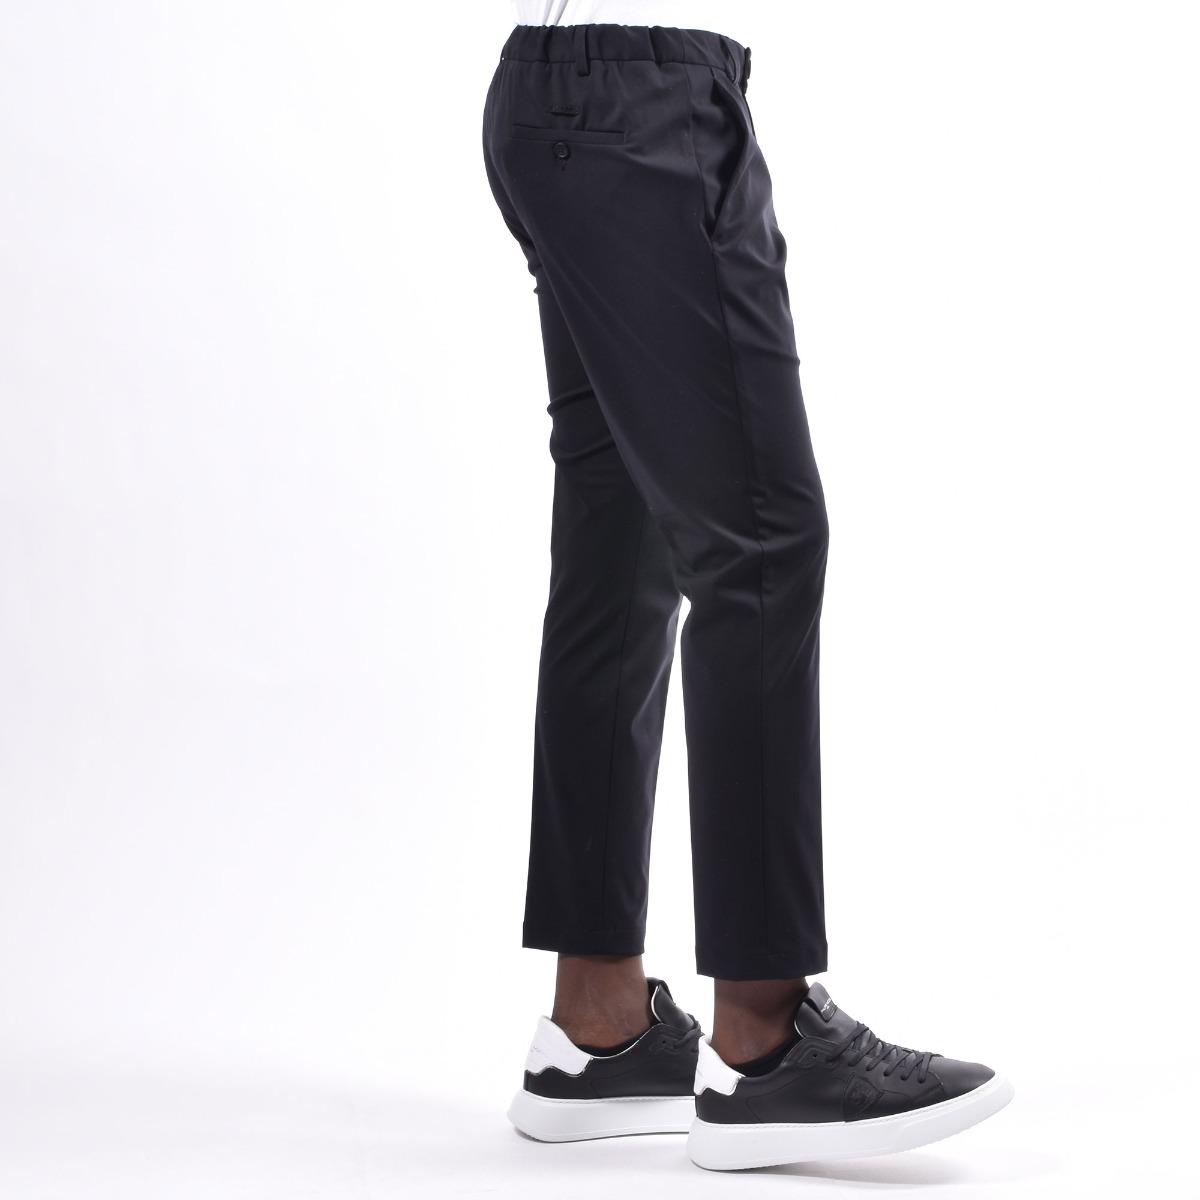 Pantalone tasca america elasticizzato - Nero